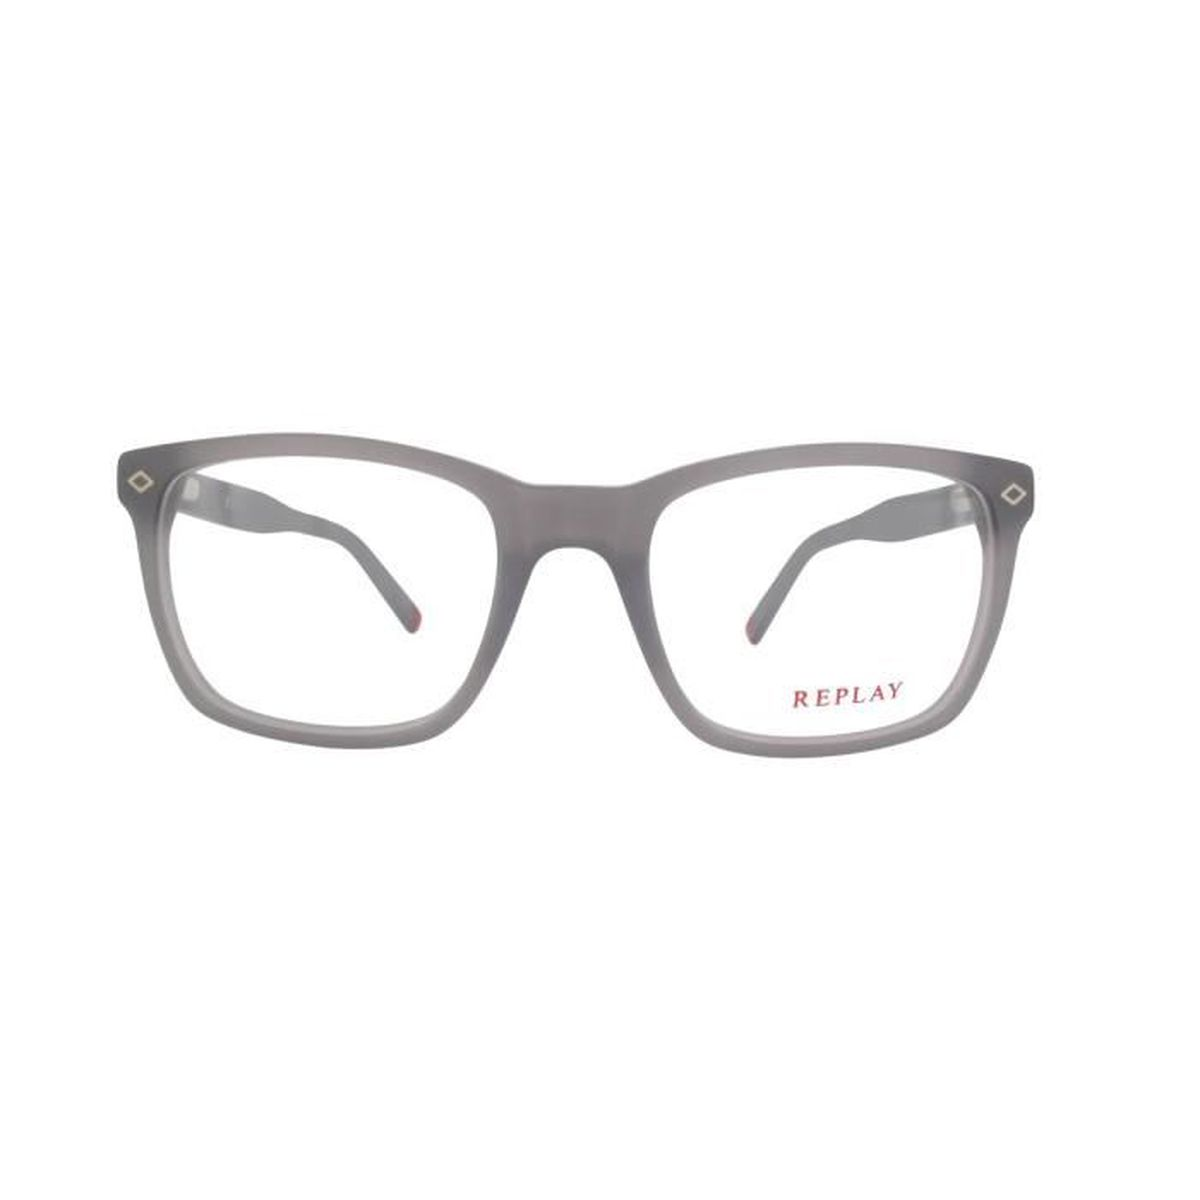 Lunettes de vue homme REPLAY RY111V GREY - Achat   Vente lunettes de ... a03cd36dbab2